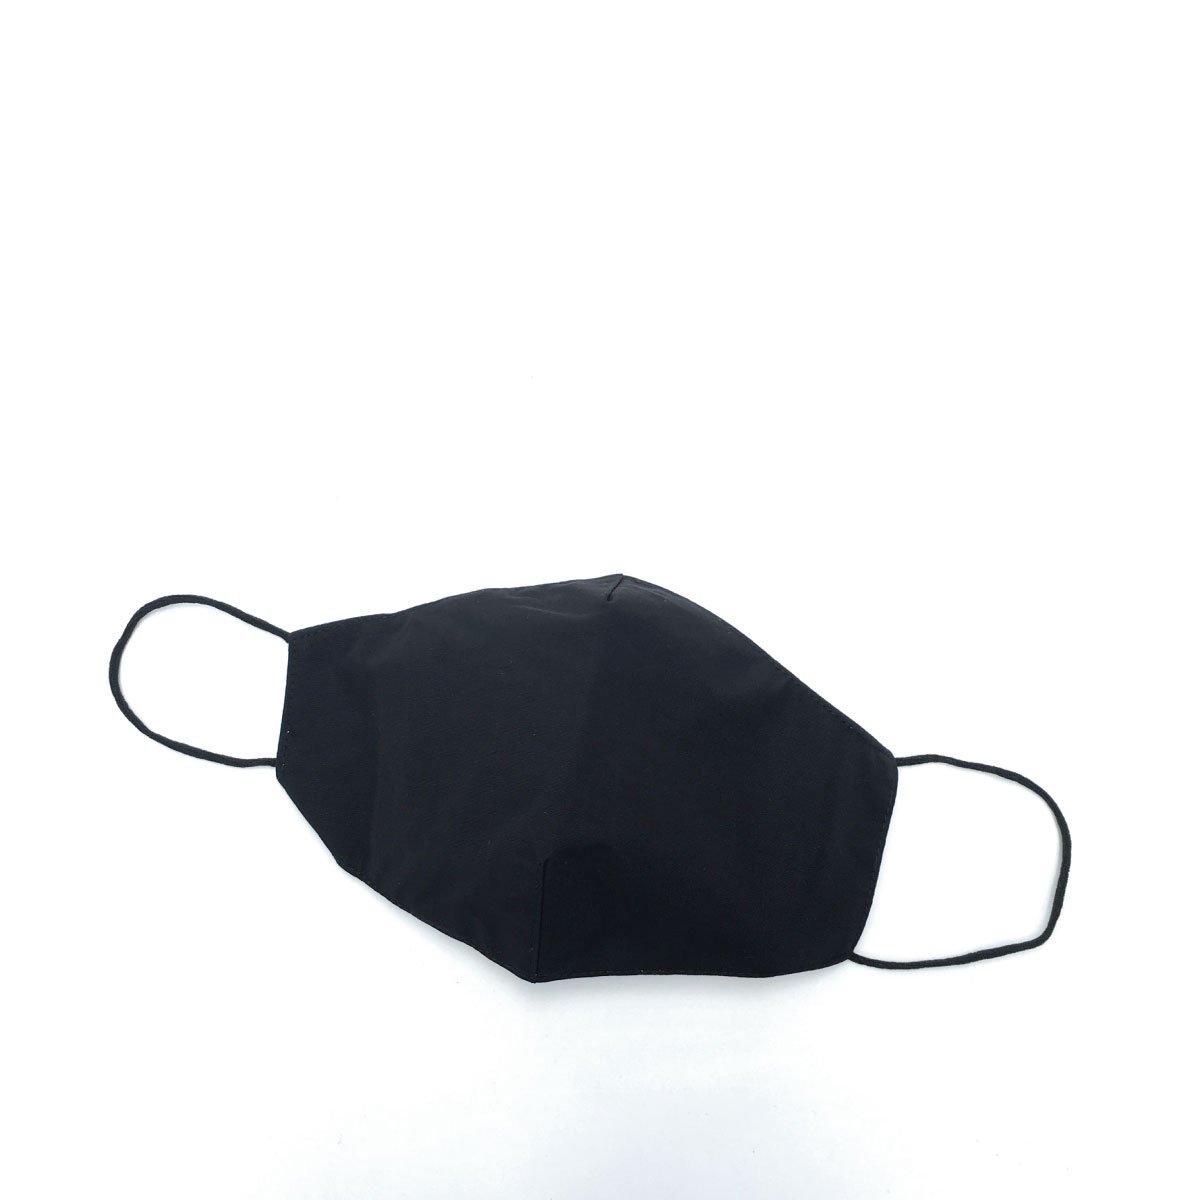 Washable Mask 詳細画像3